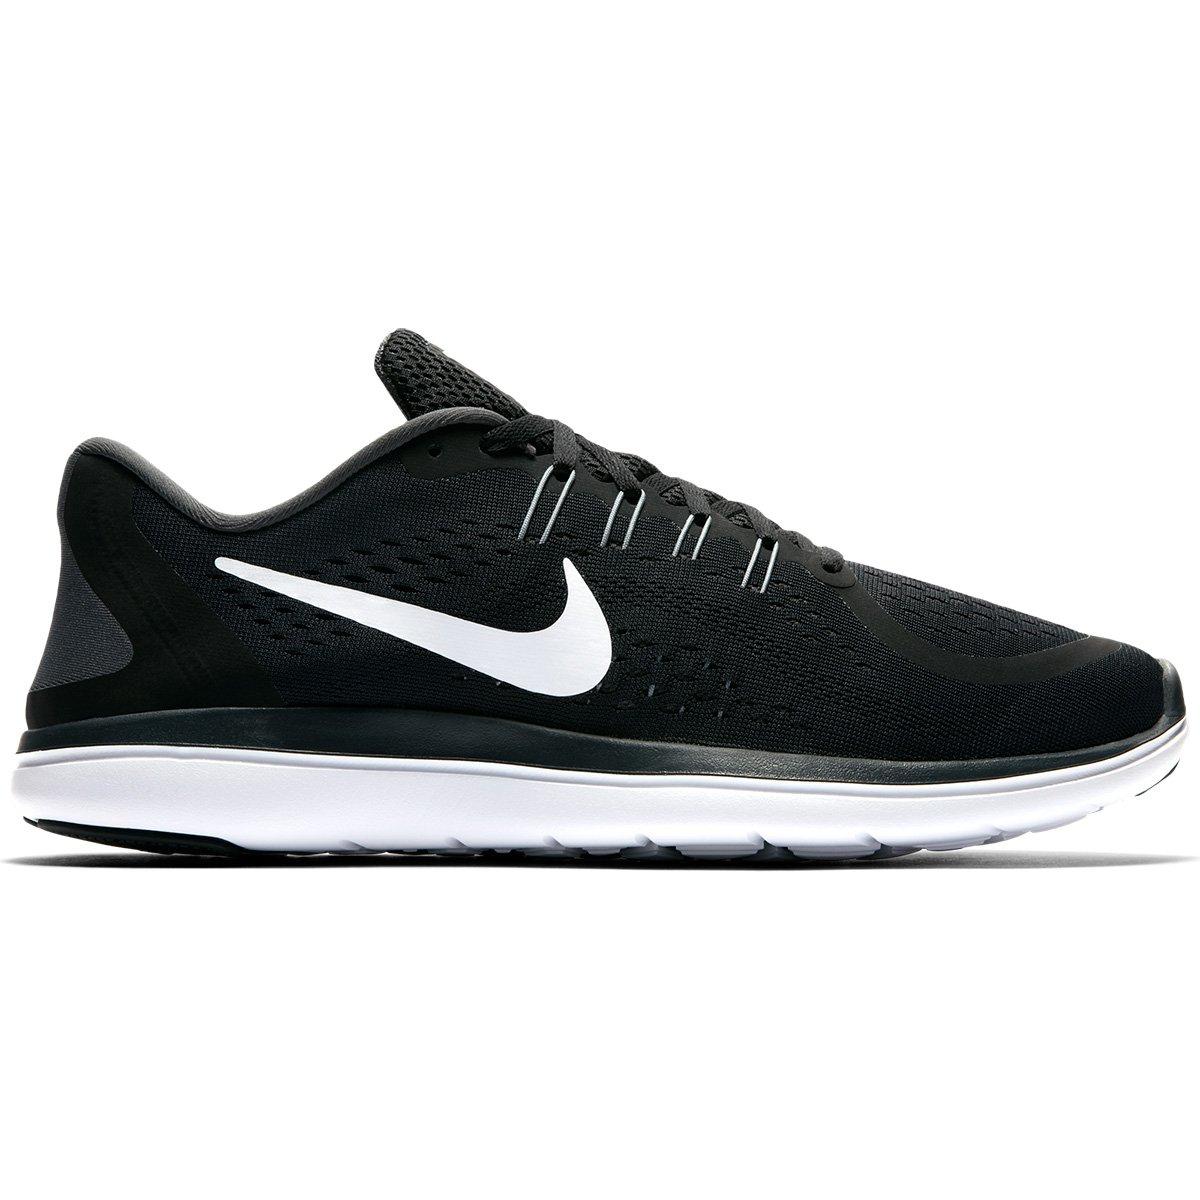 19987c36f Tênis Nike Flex Run Masculino - Preto e Branco - Compre Agora